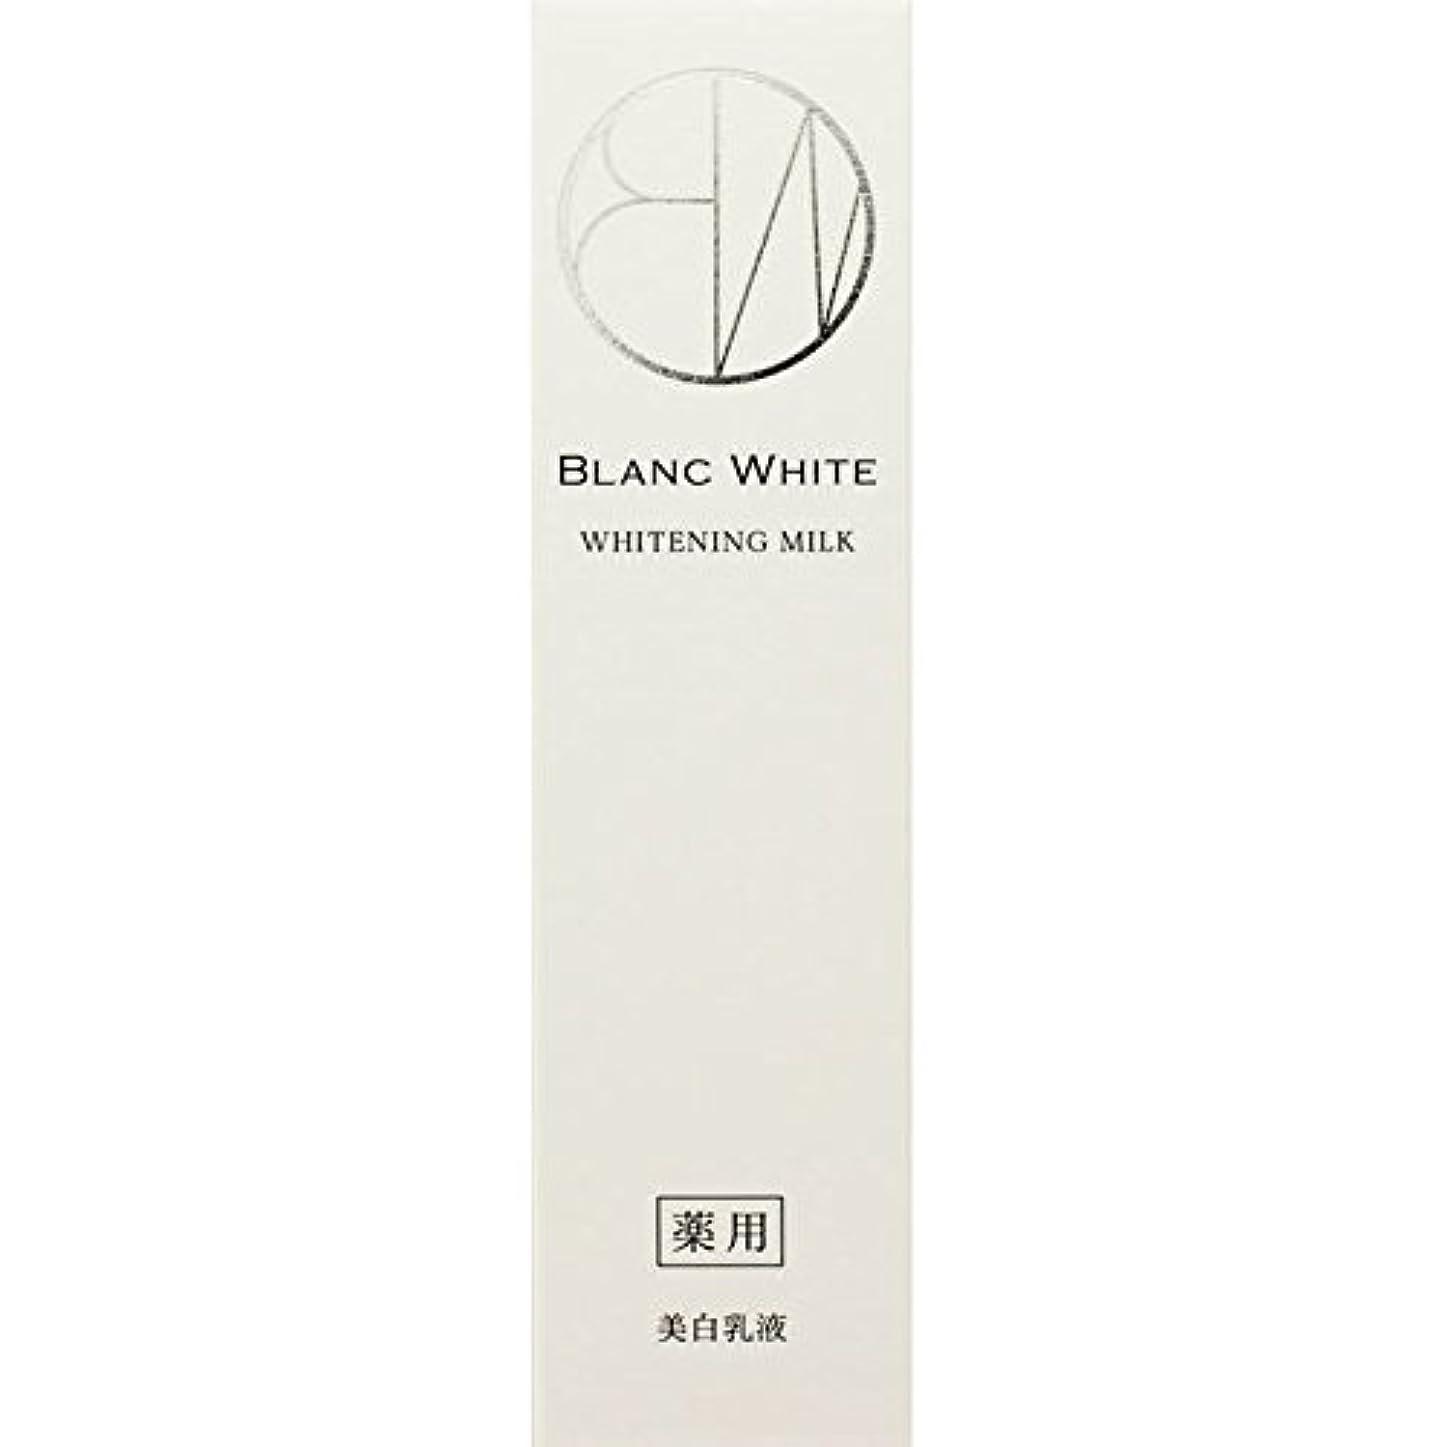 マーカー設置組ブランホワイト ホワイトニングミルク 125ml (医薬部外品)